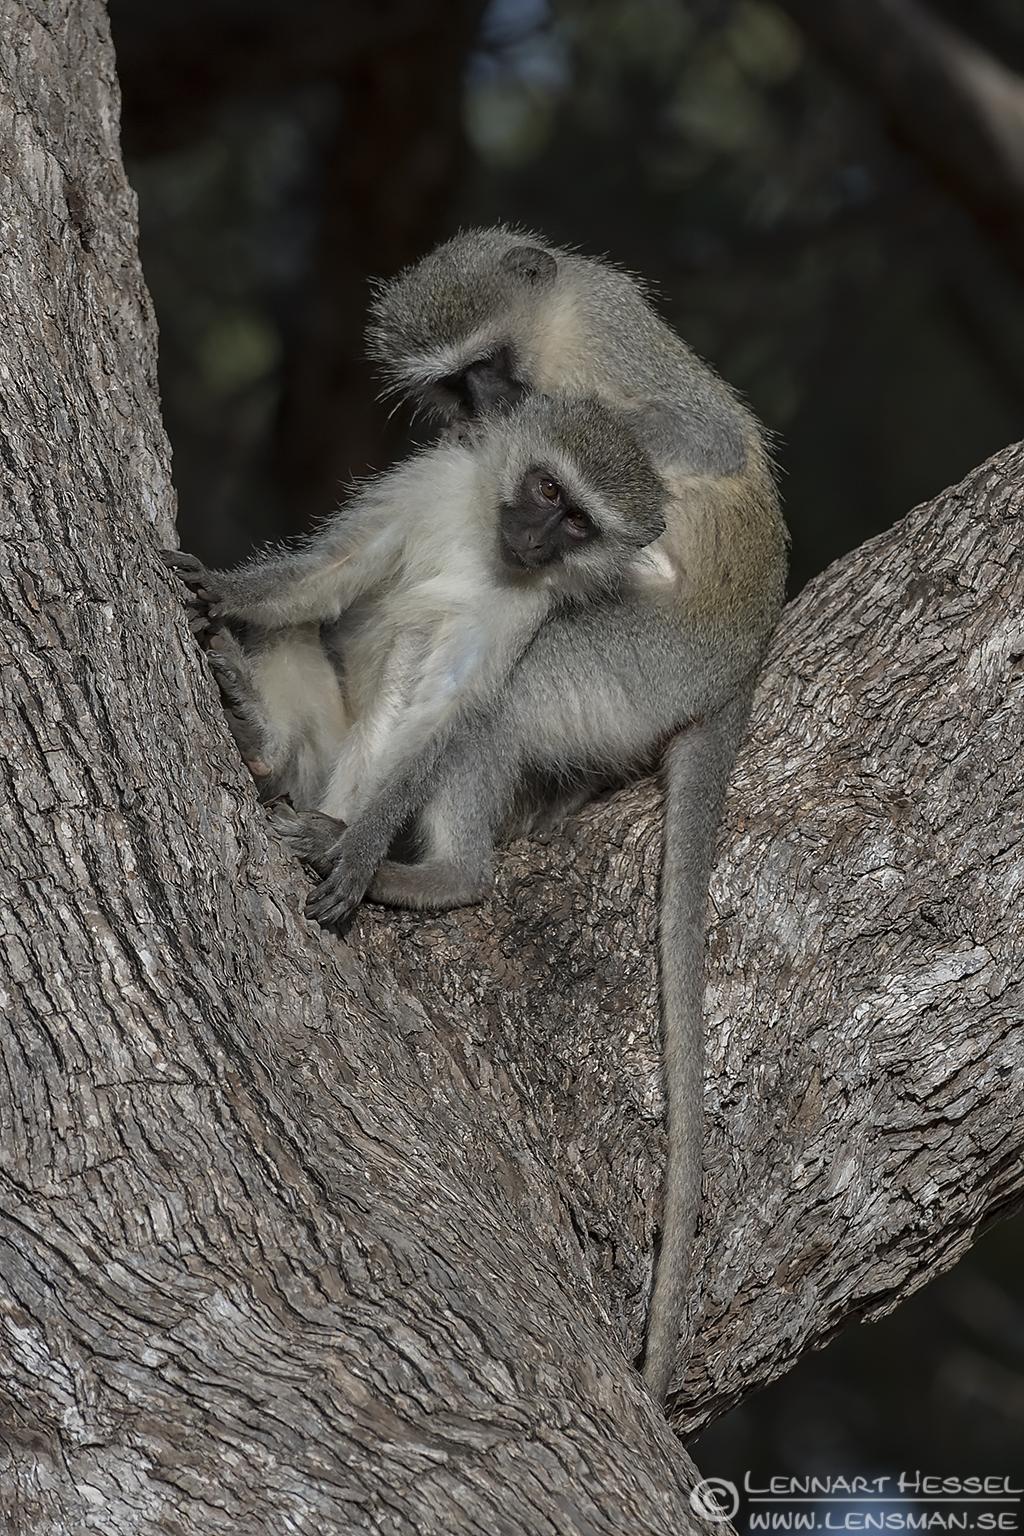 Groomin Vervet Monkeys Kruger National Park South Africa